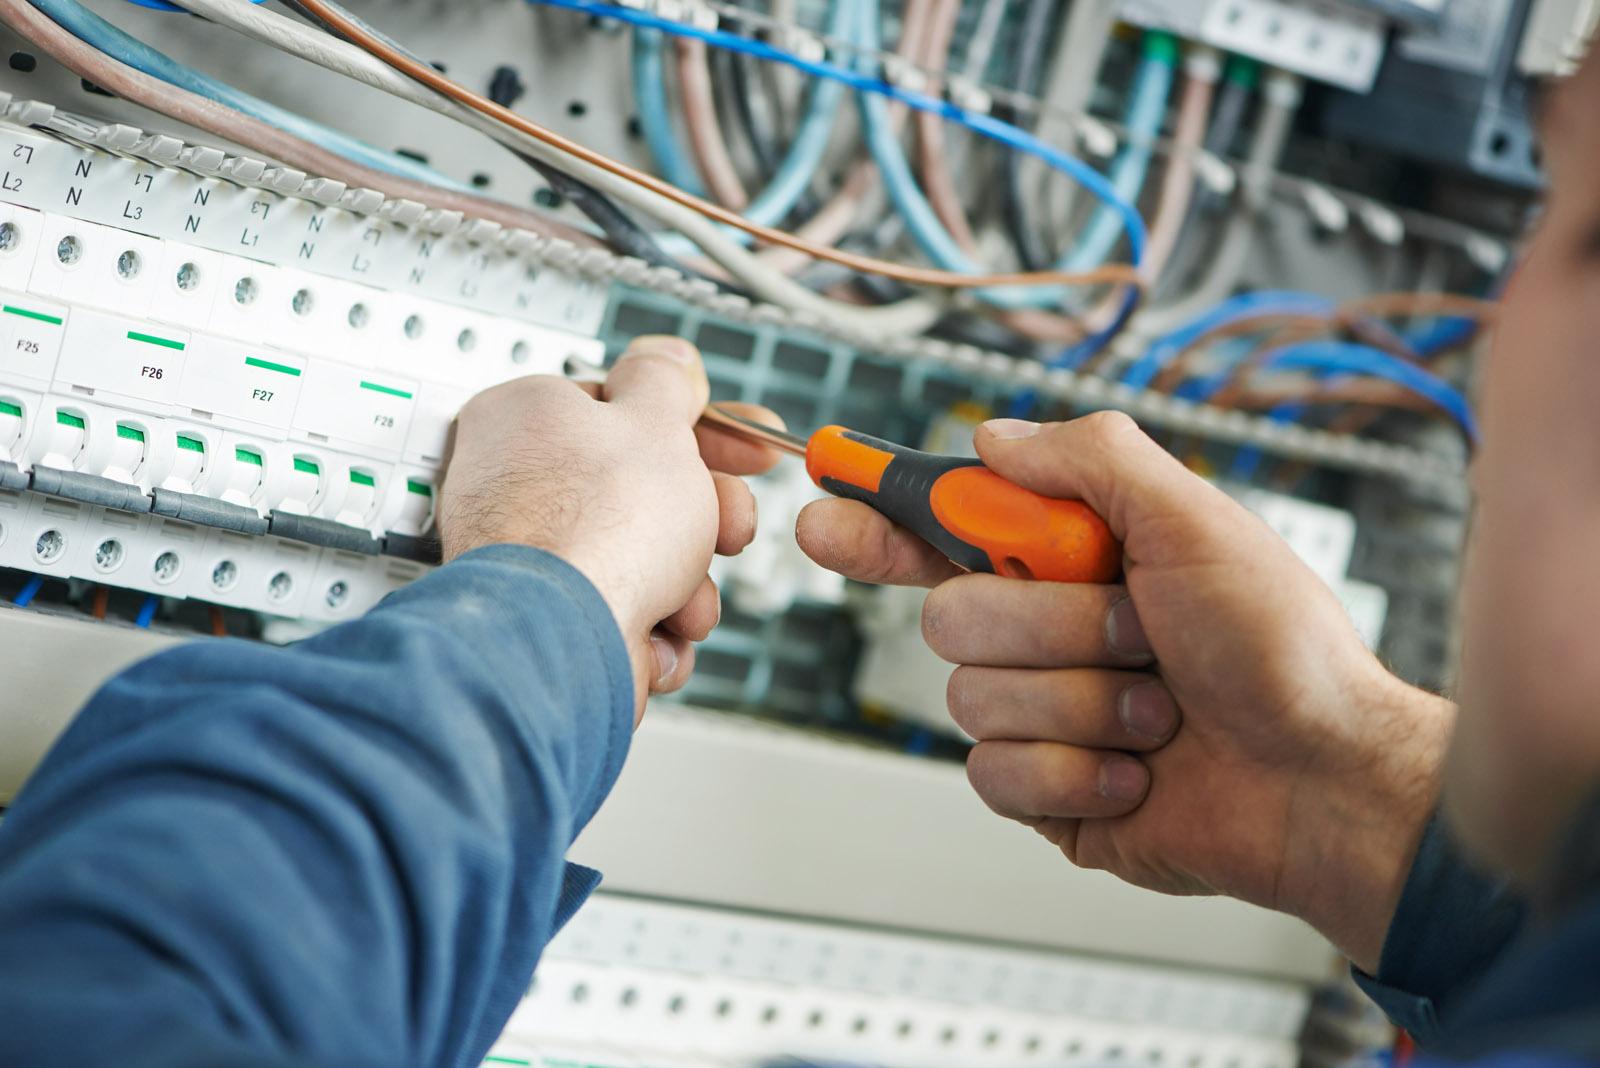 przemysłowe instalacje elektryczne